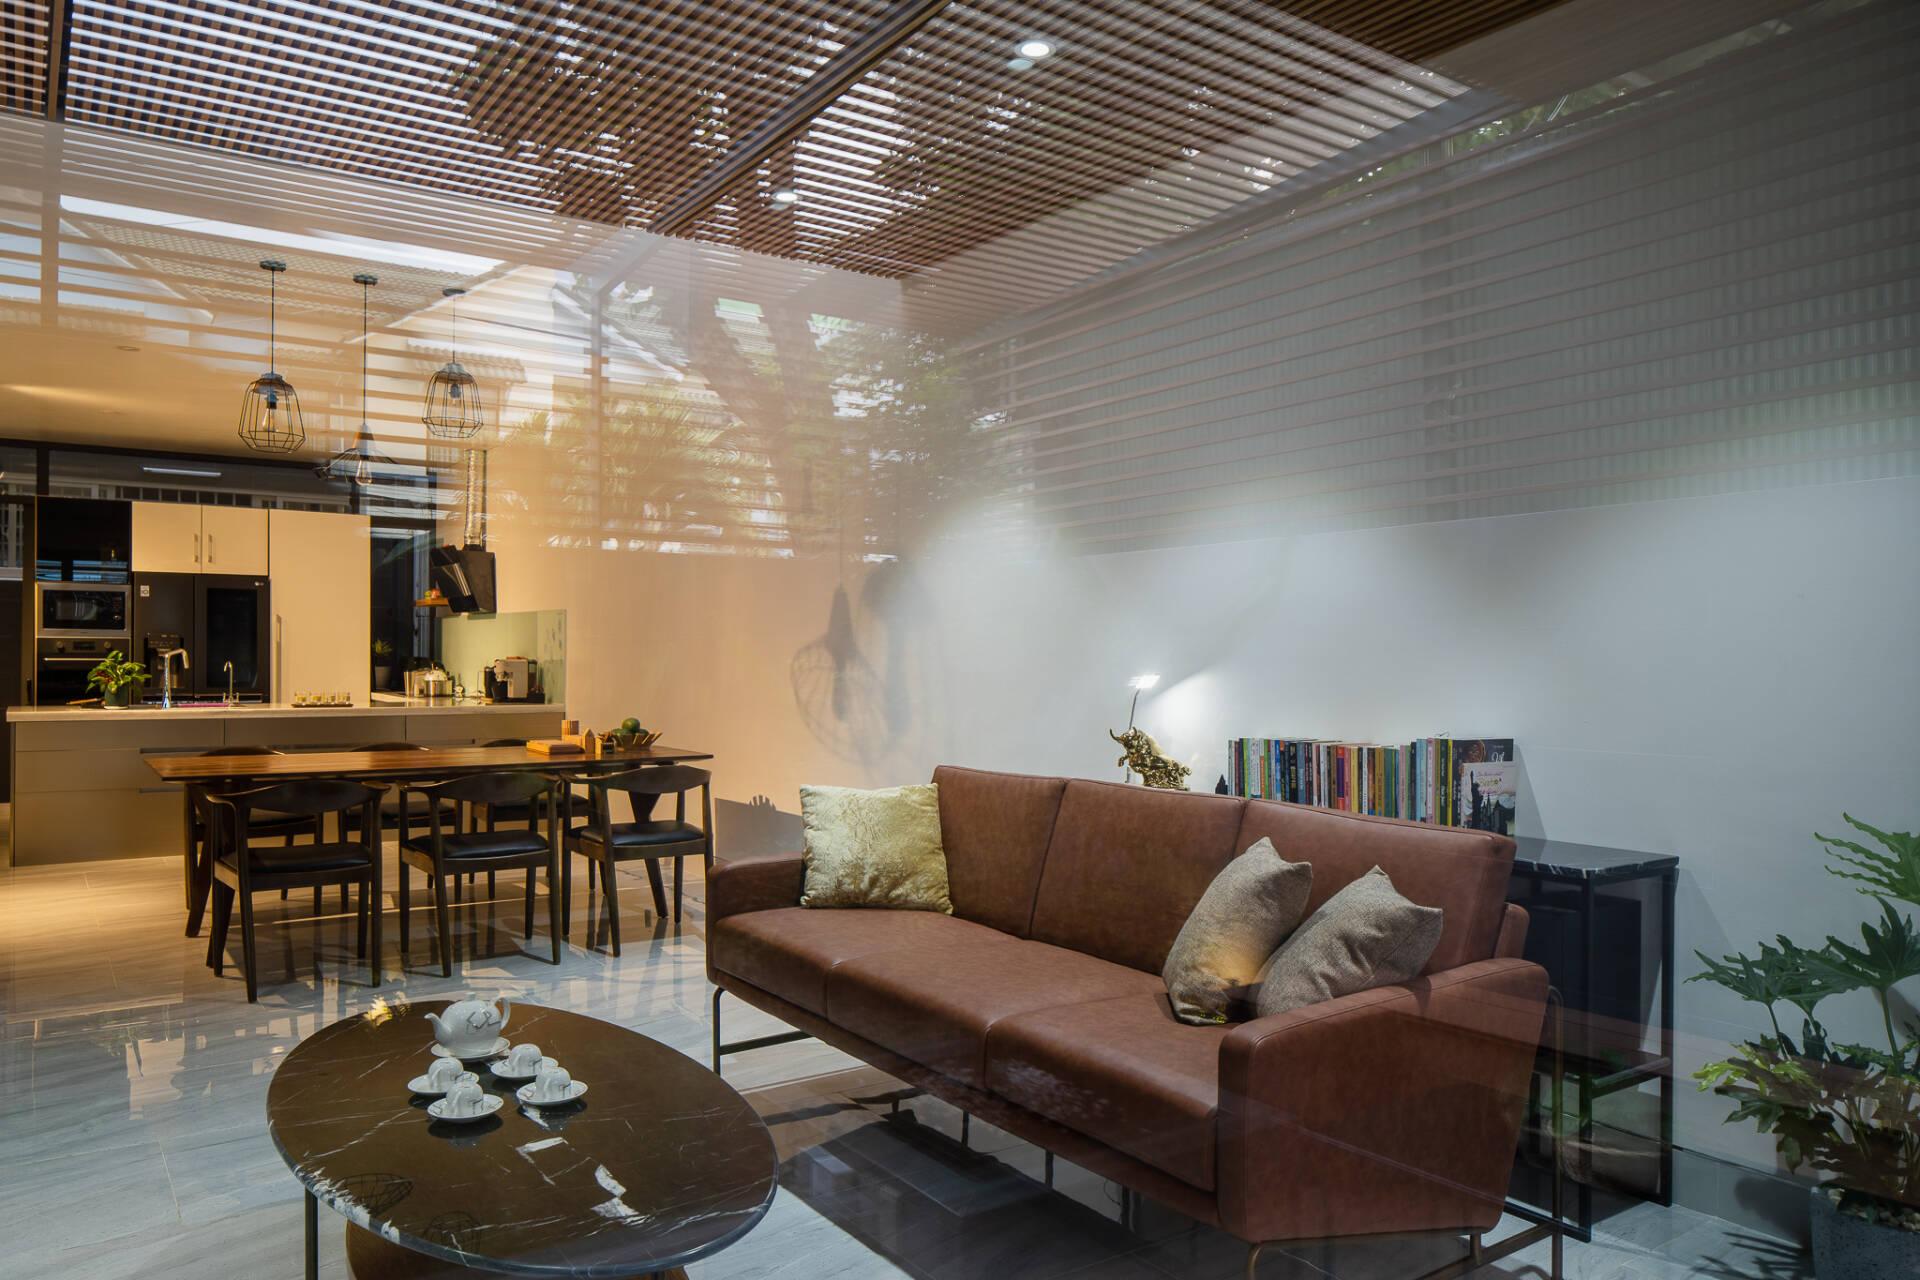 Phòng khách được thiết kế theo phong cách đơn giản, hiện đại